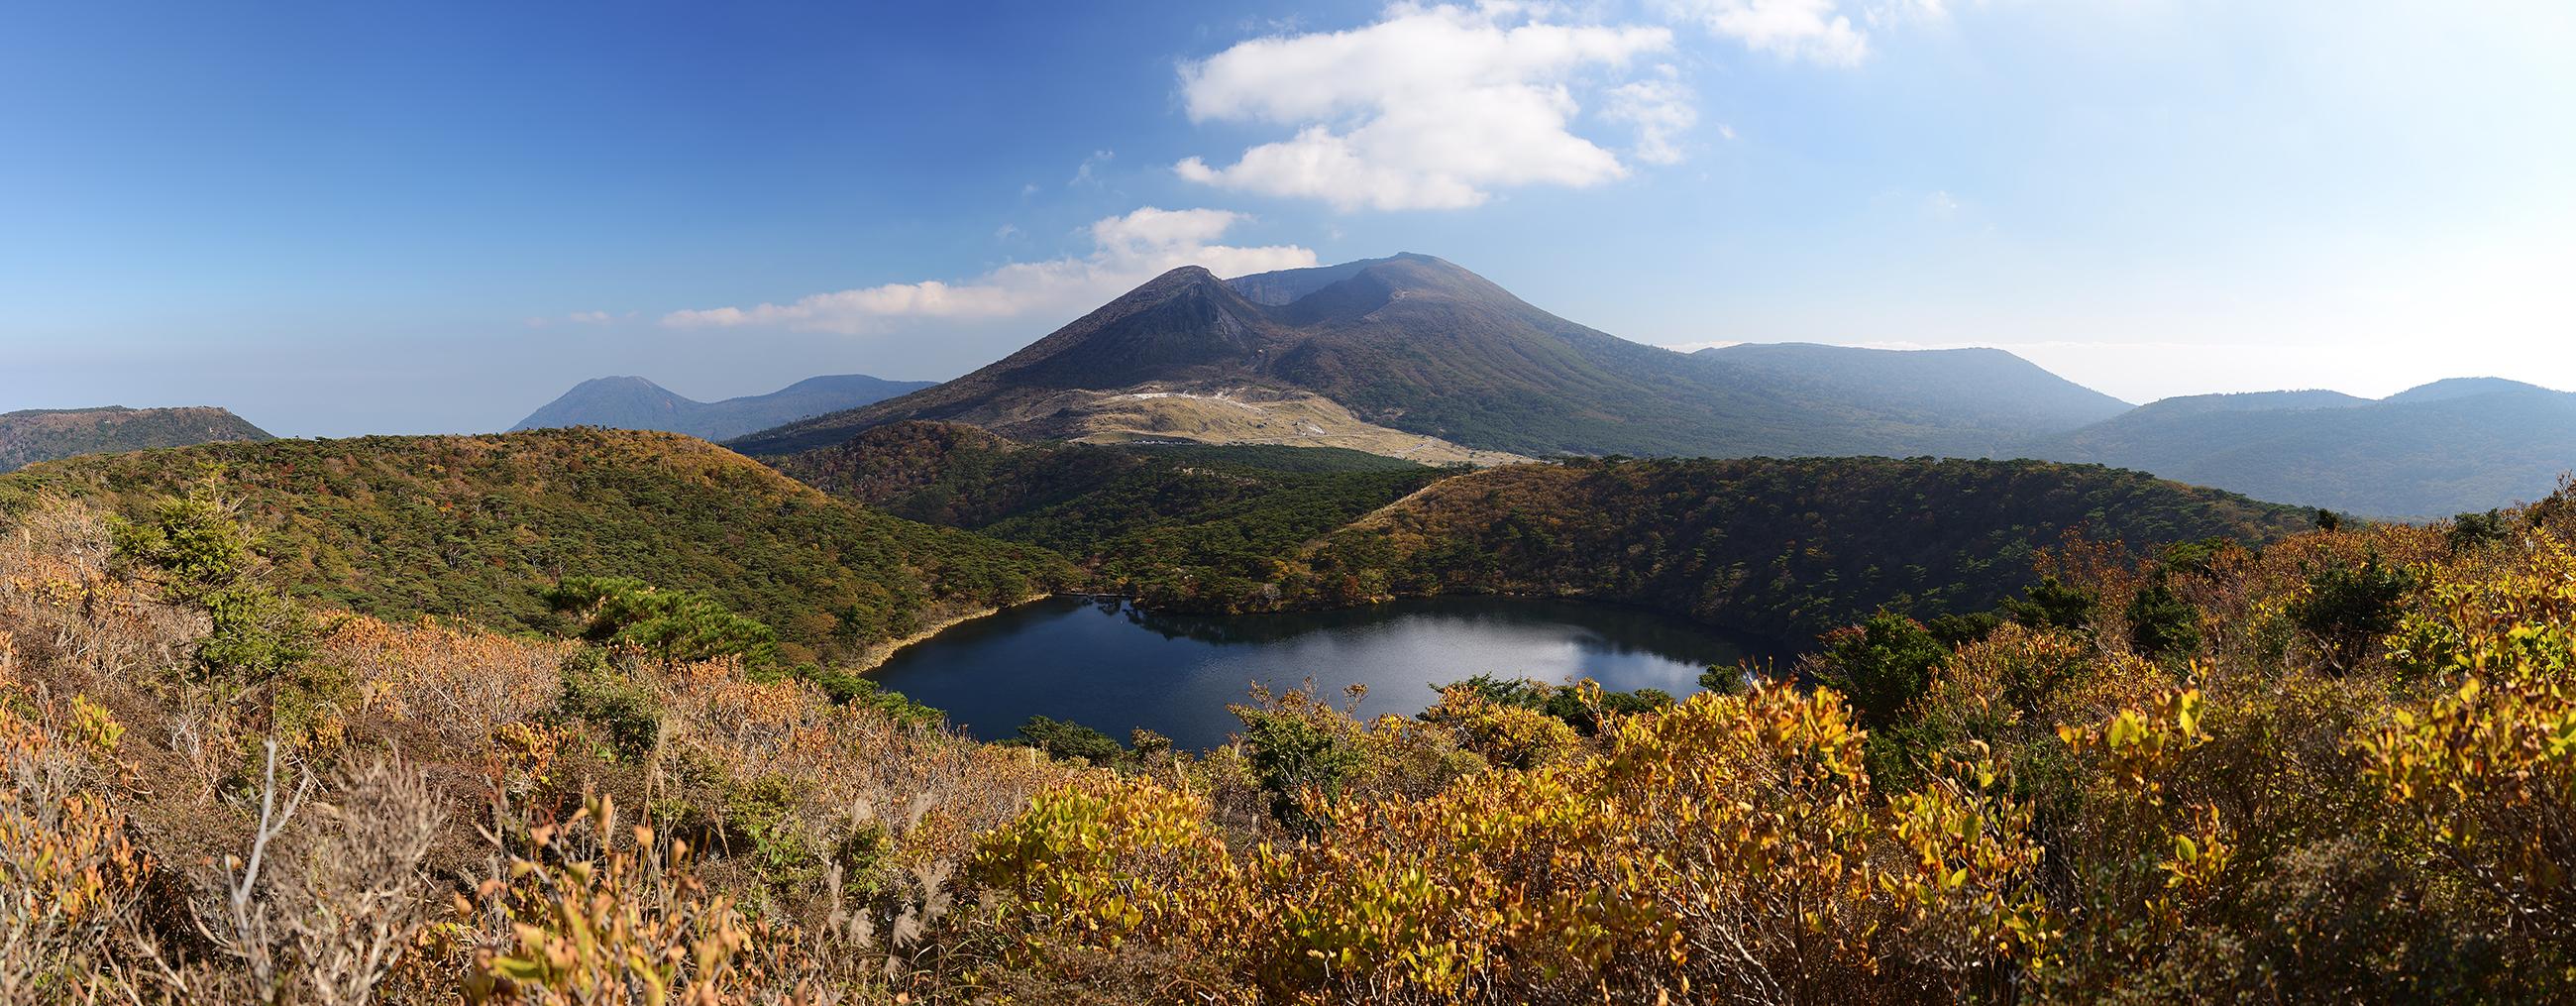 Onamino Pond, Japan